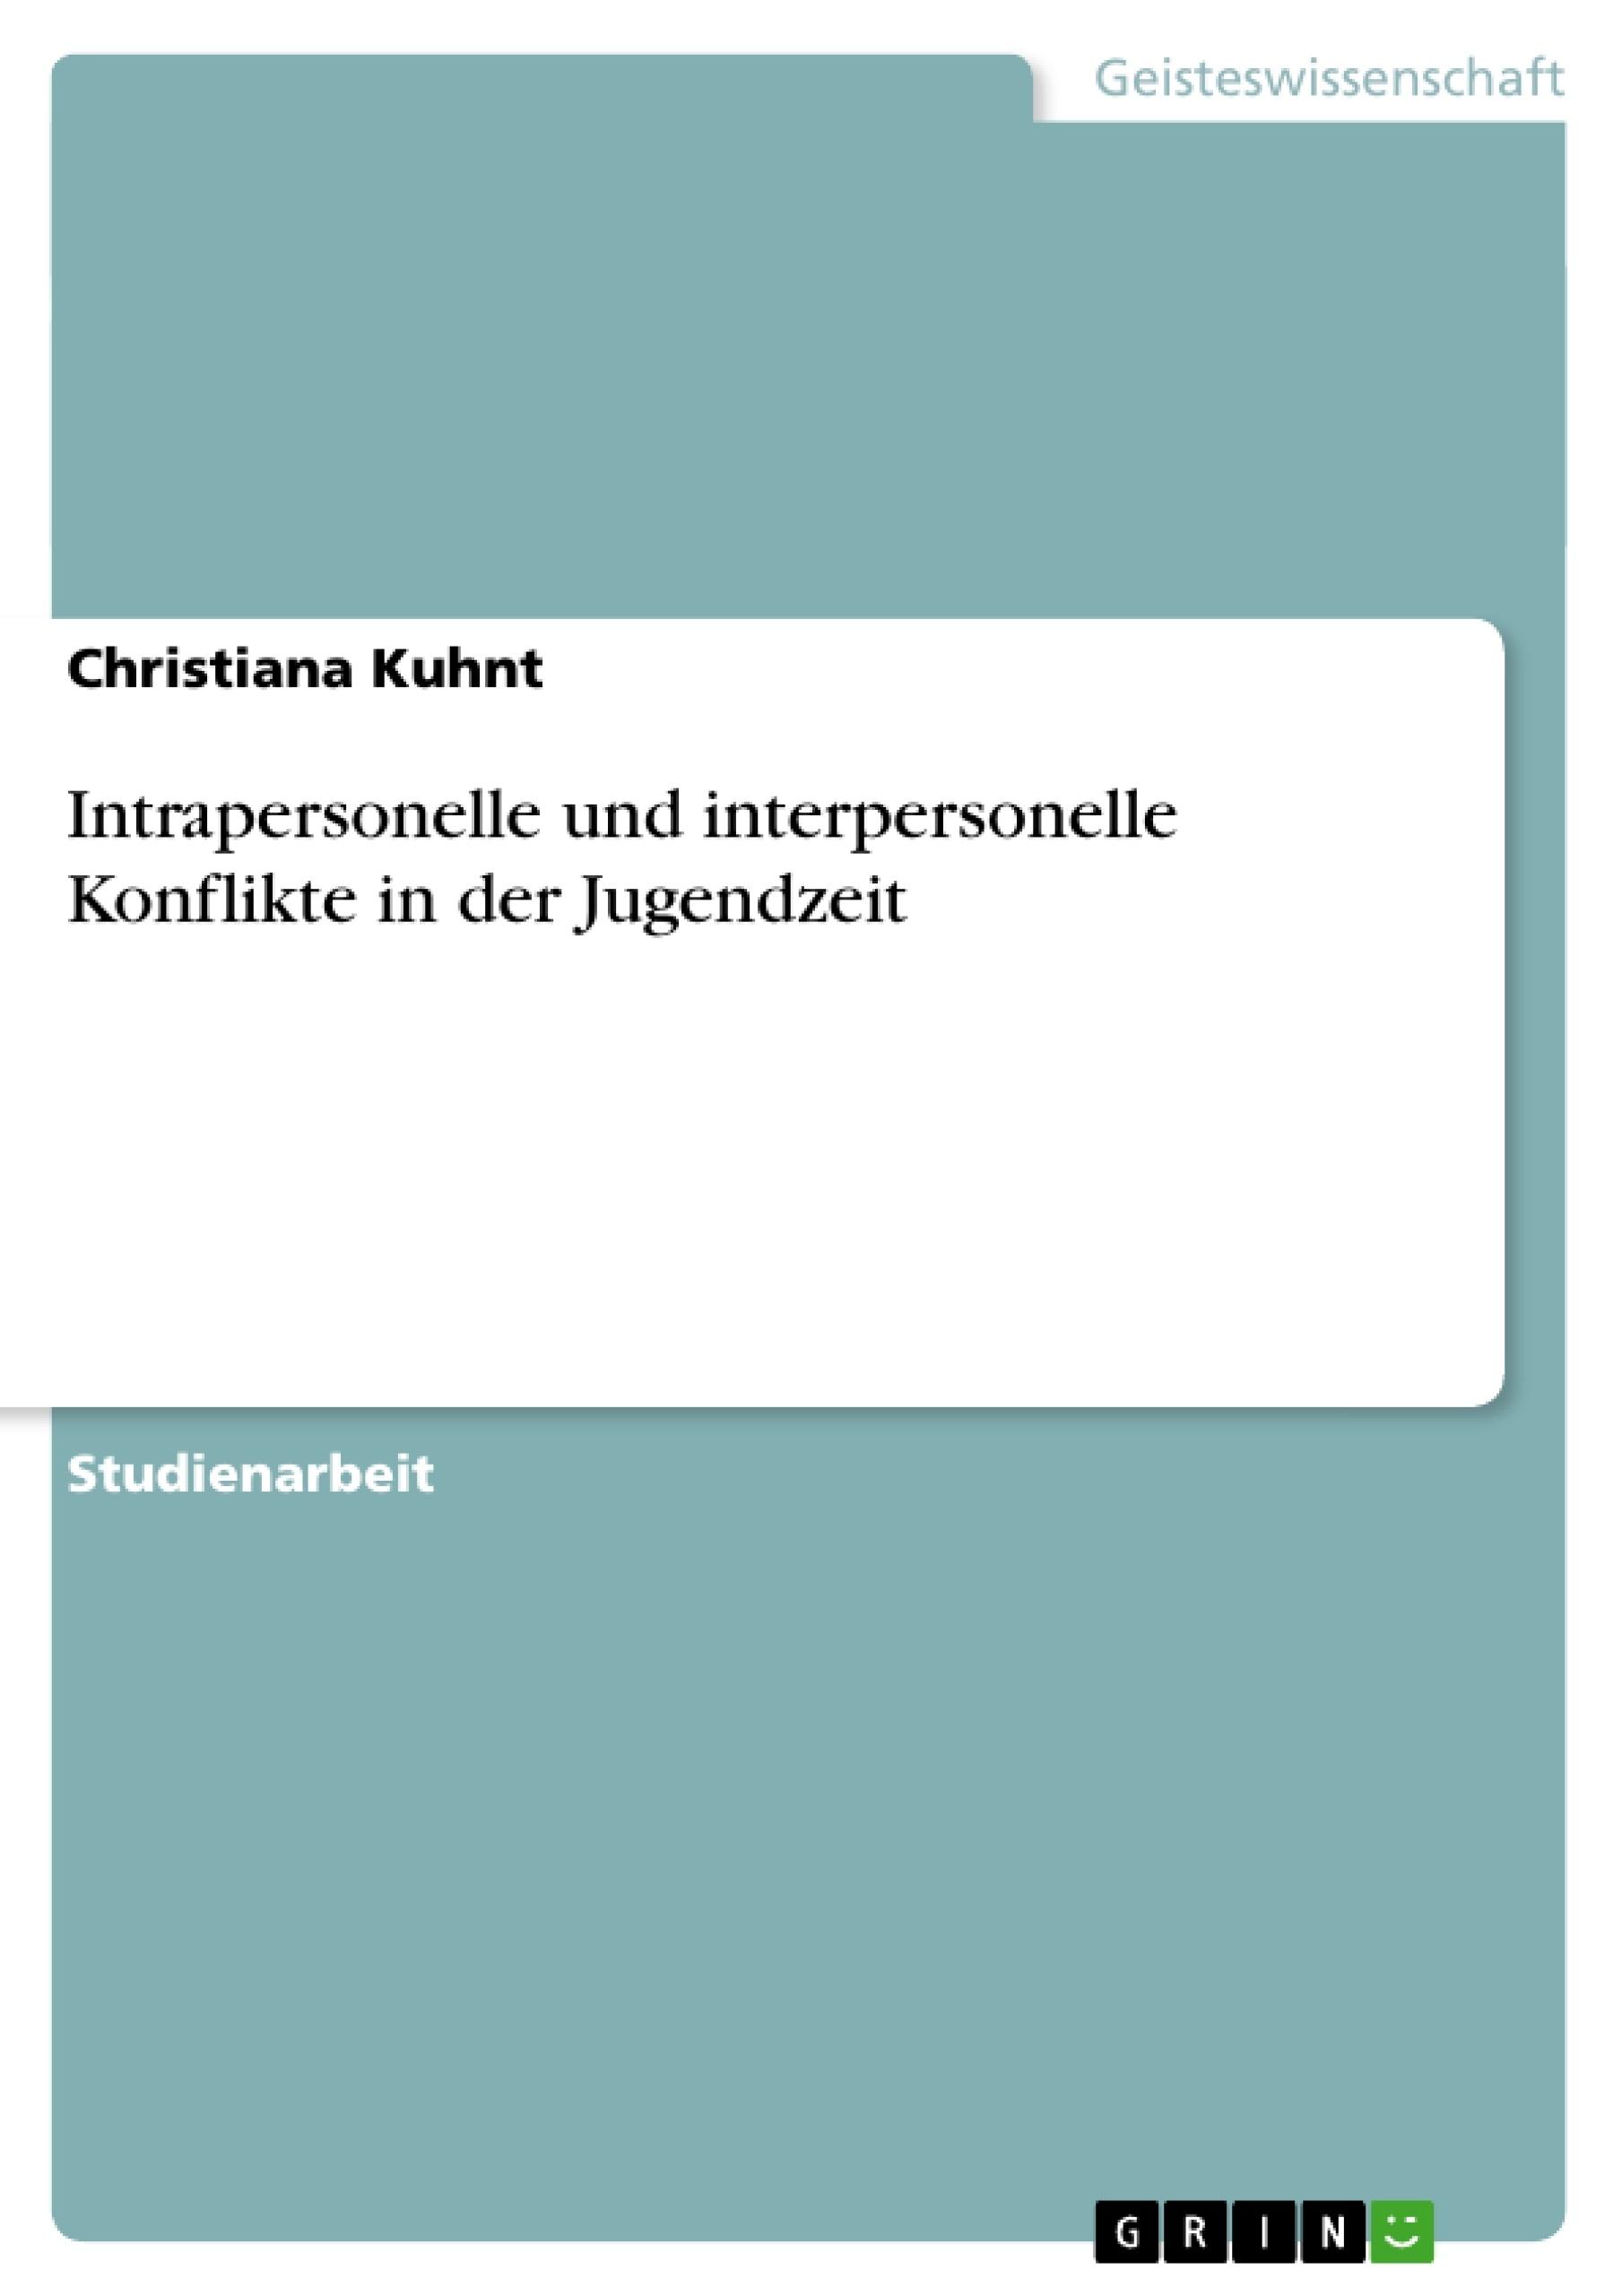 Titel: Intrapersonelle und interpersonelle Konflikte in der Jugendzeit